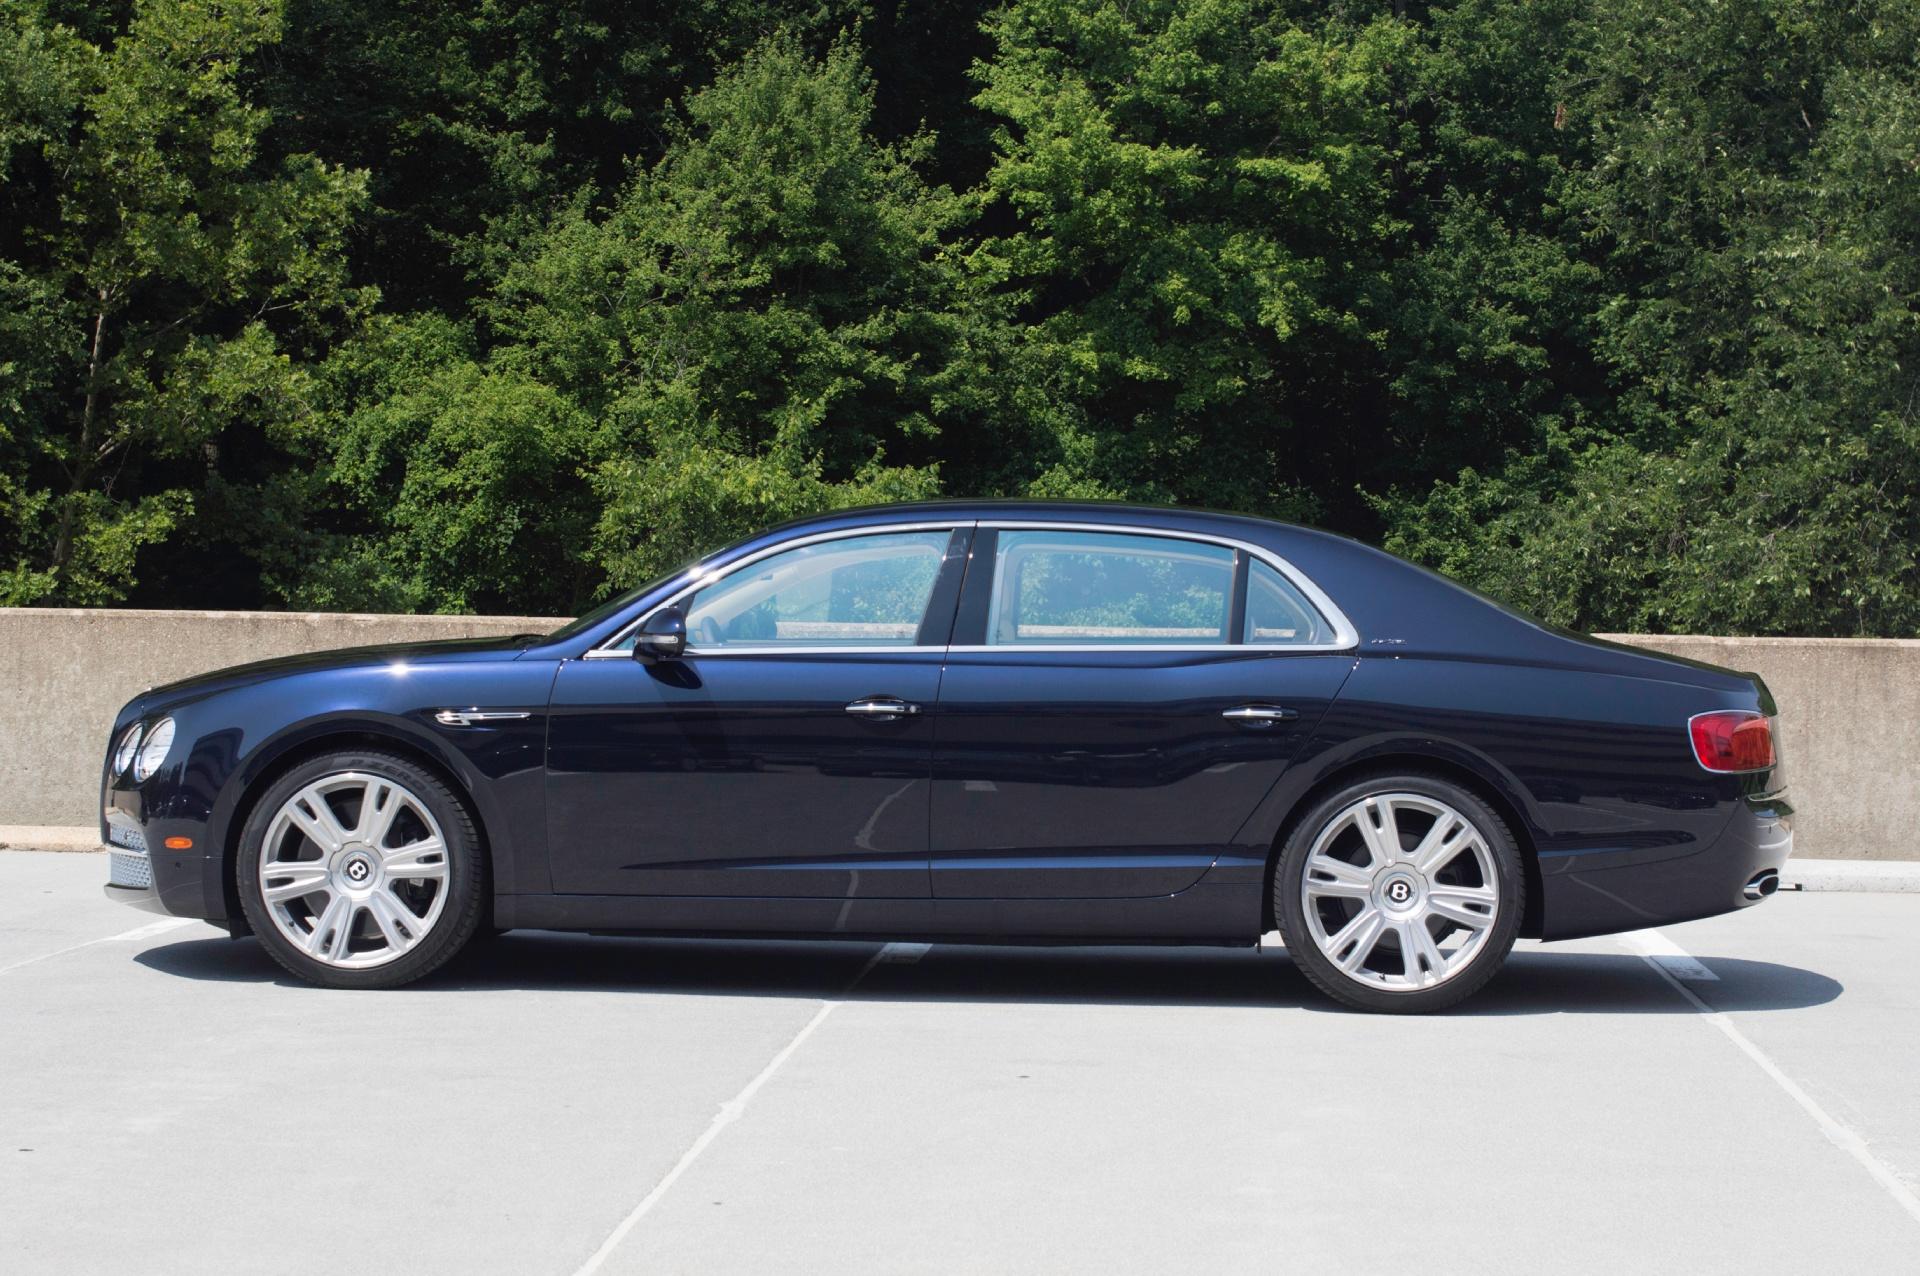 2014 Bentley Flying Spur W12 Stock 4n092231 For Sale Near Vienna Va Va Bentley Dealer